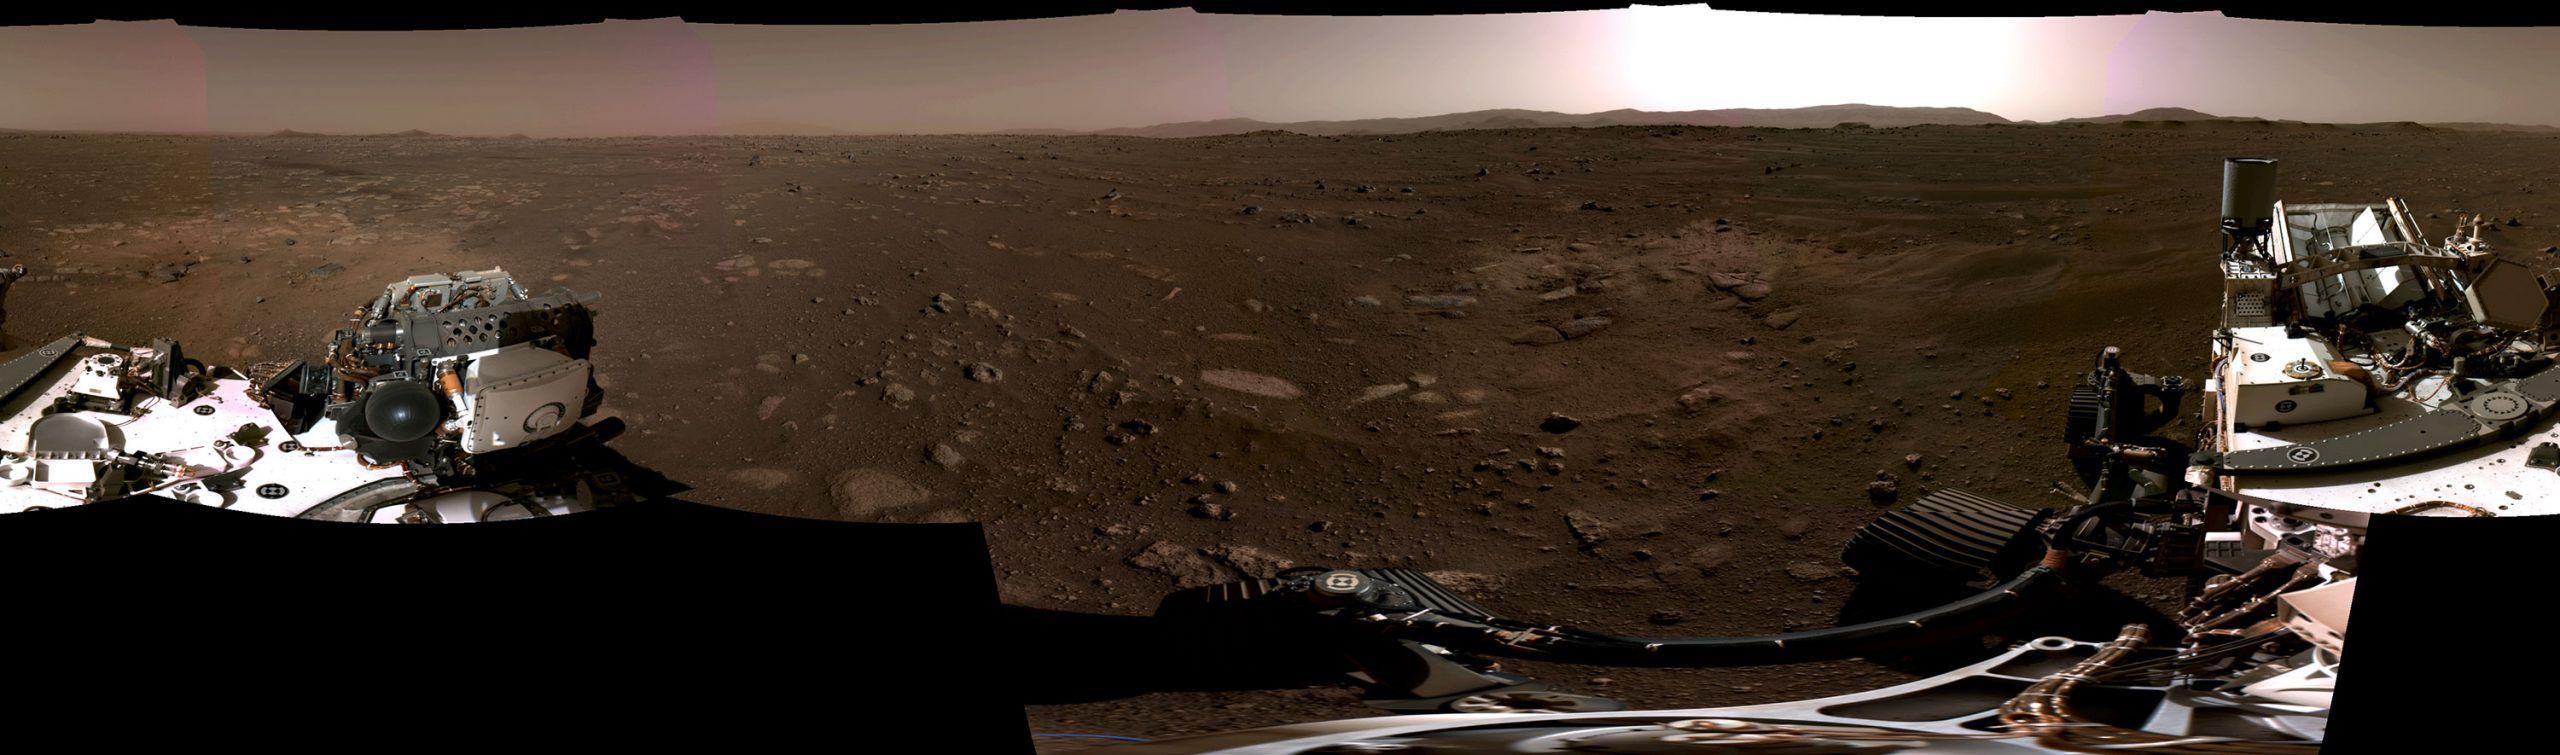 Un panorama de la planète Mars capturé par Perseverance.